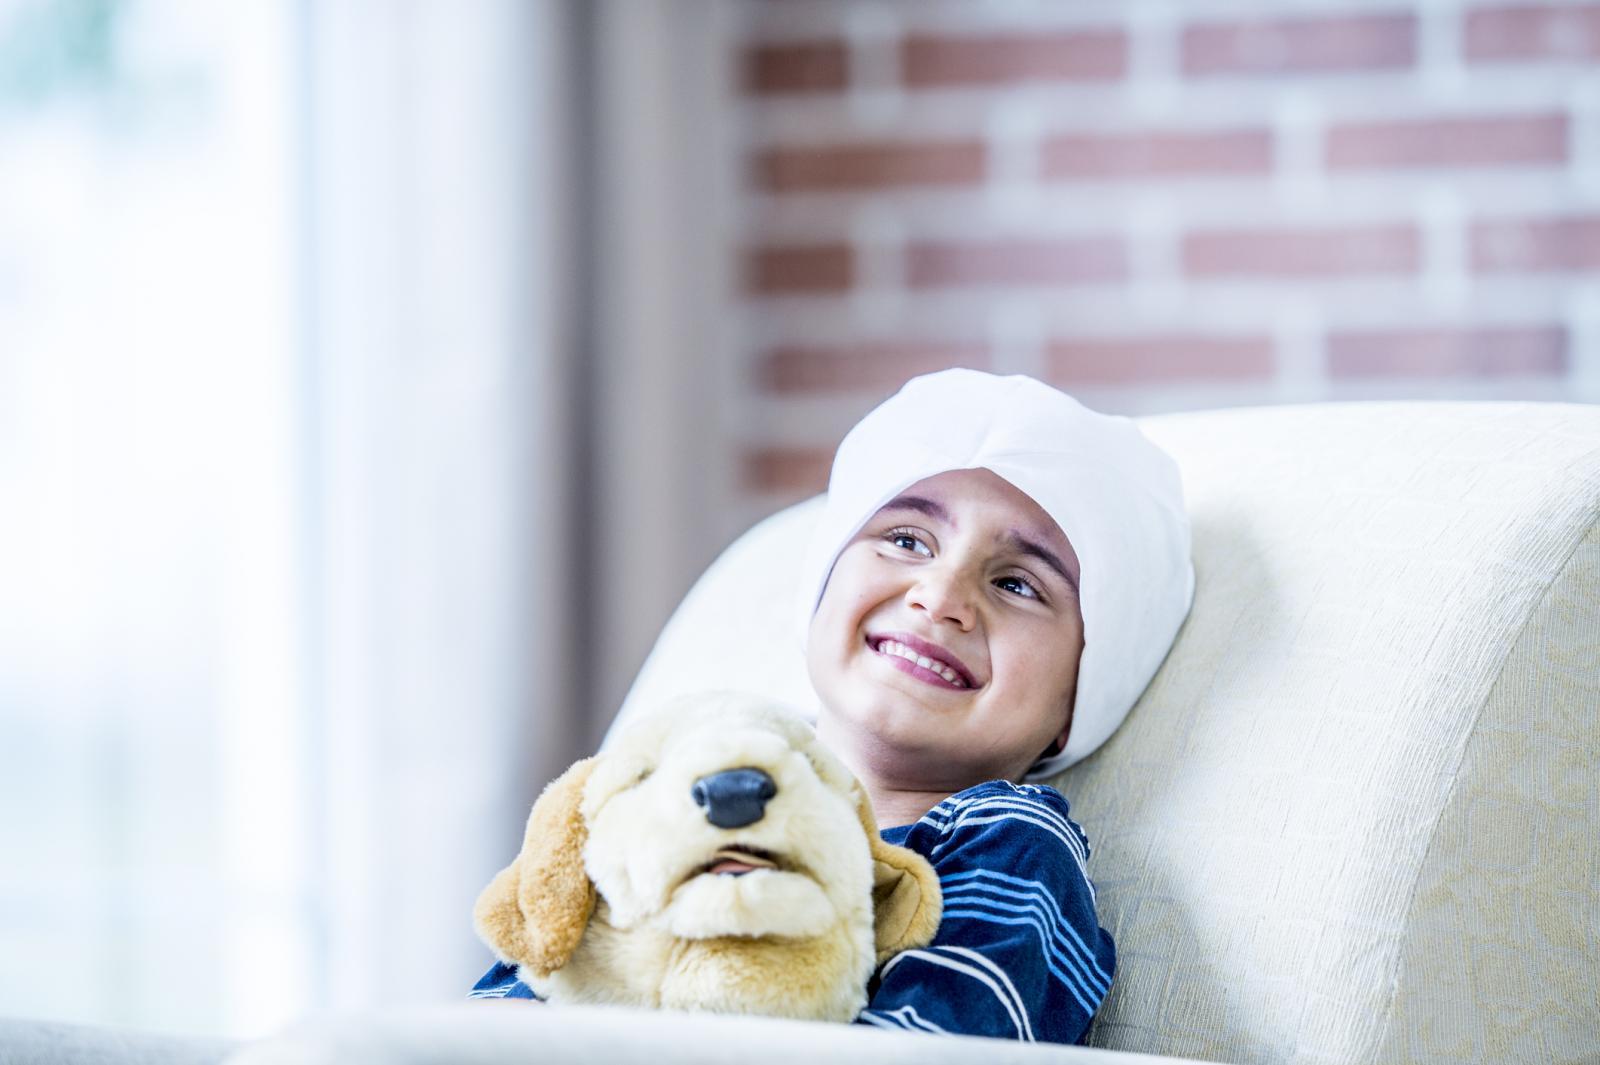 Ova revolucionarna terapija nova je nada za djecu oboljelu od leukemije.